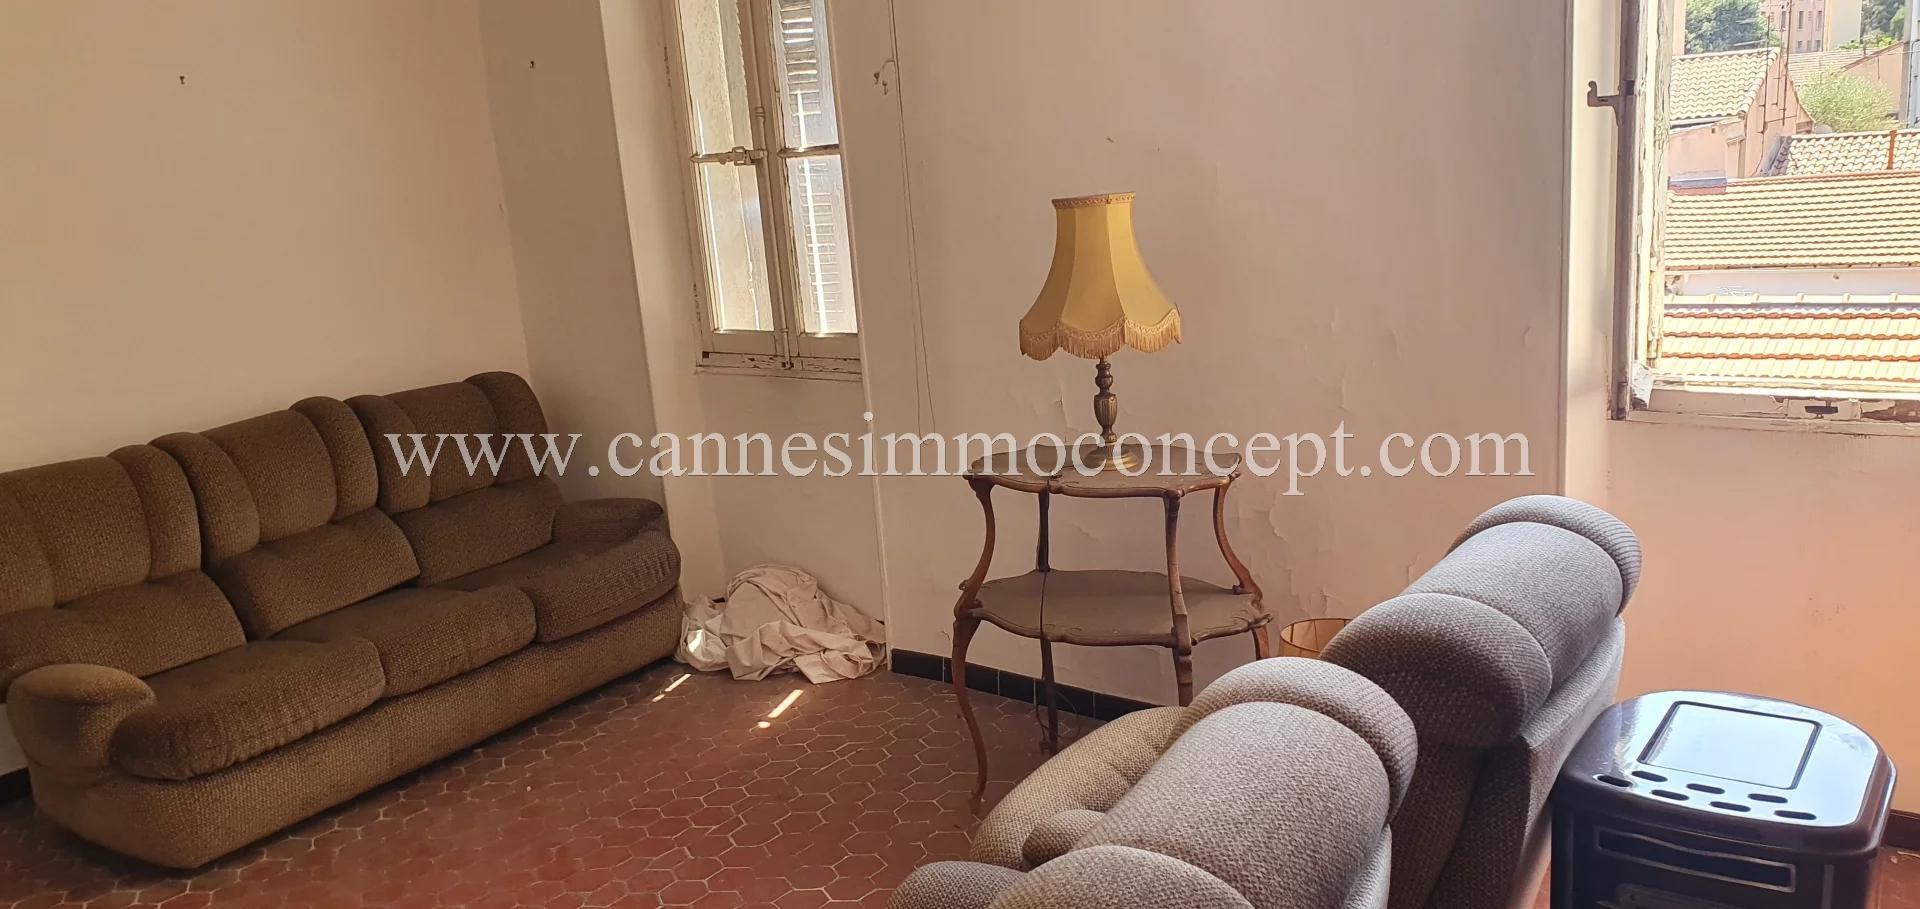 Vente Appartement - Marseille 15ème La Cabucelle